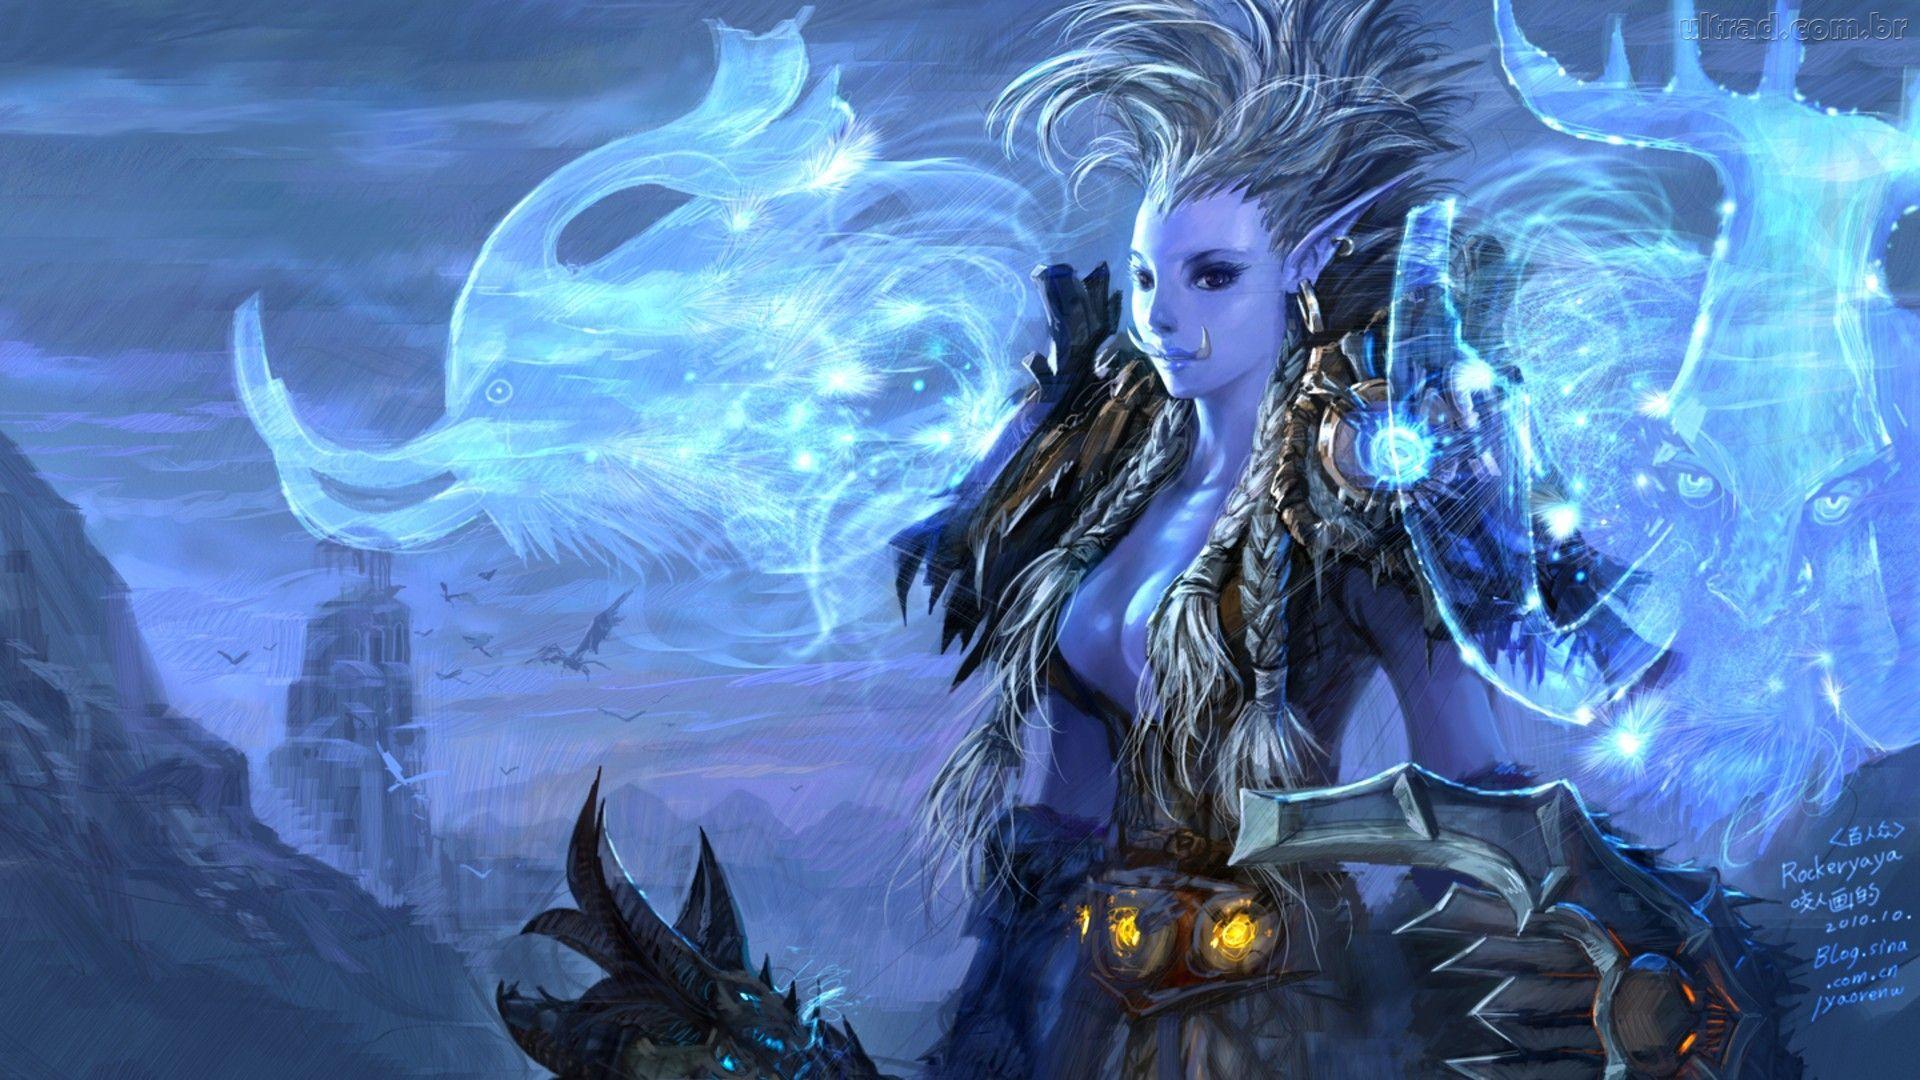 World Of Warcraft Wallpaper HD 1920p Wallpaper Super